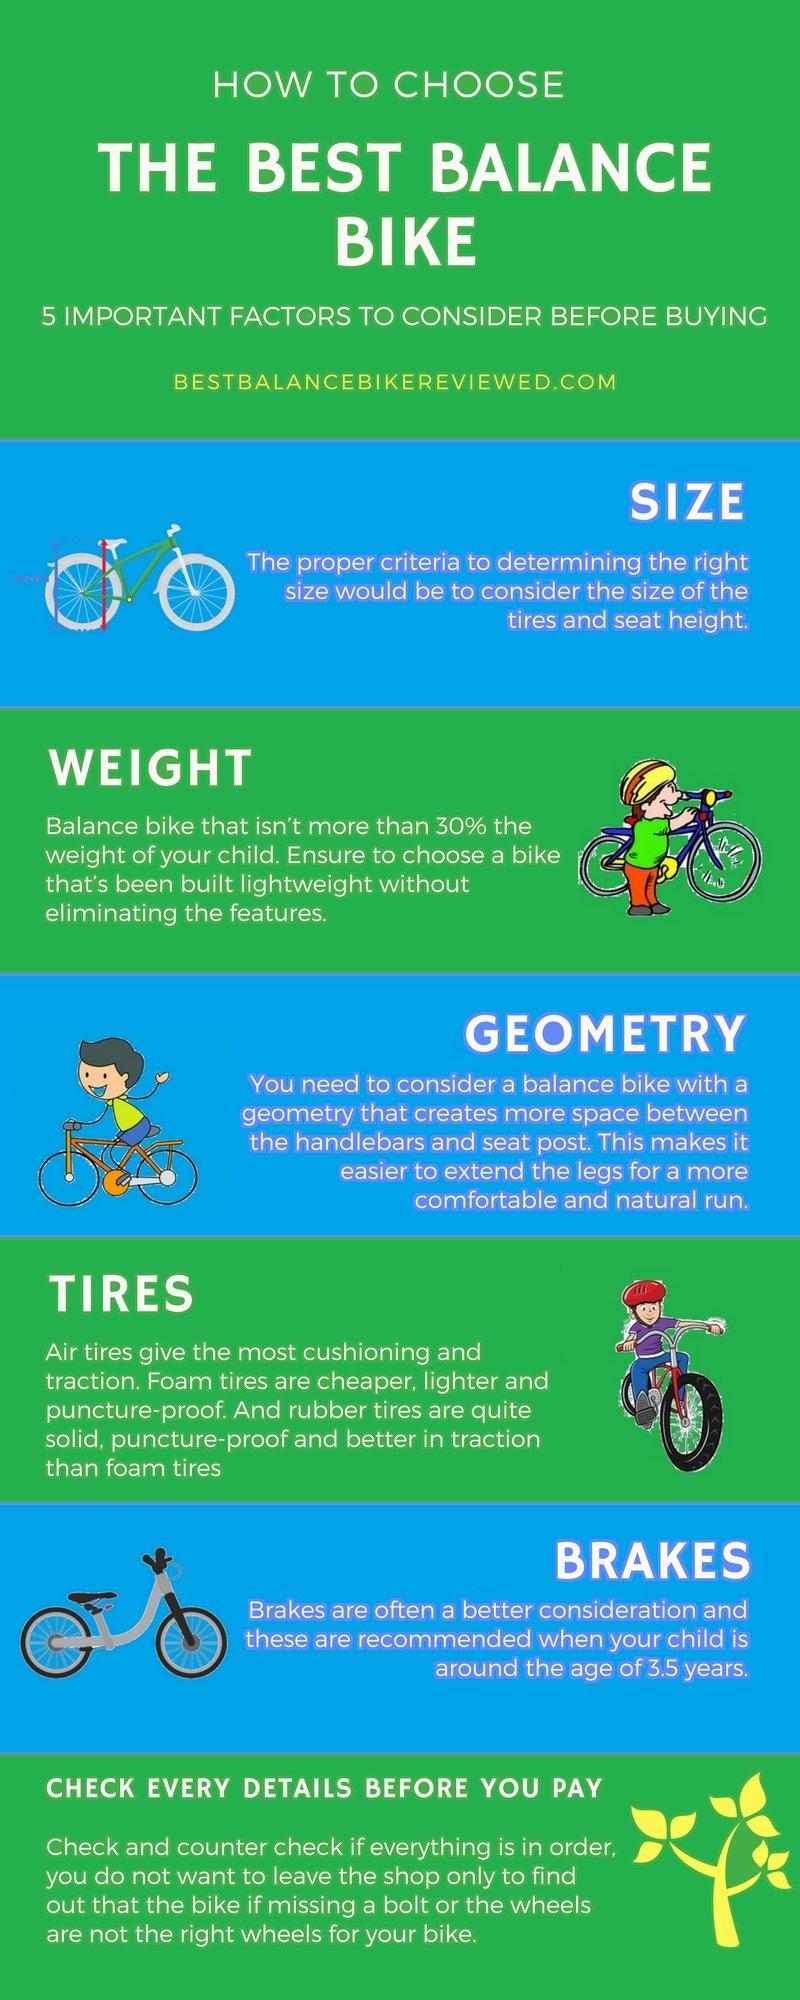 how to choose a balance bike